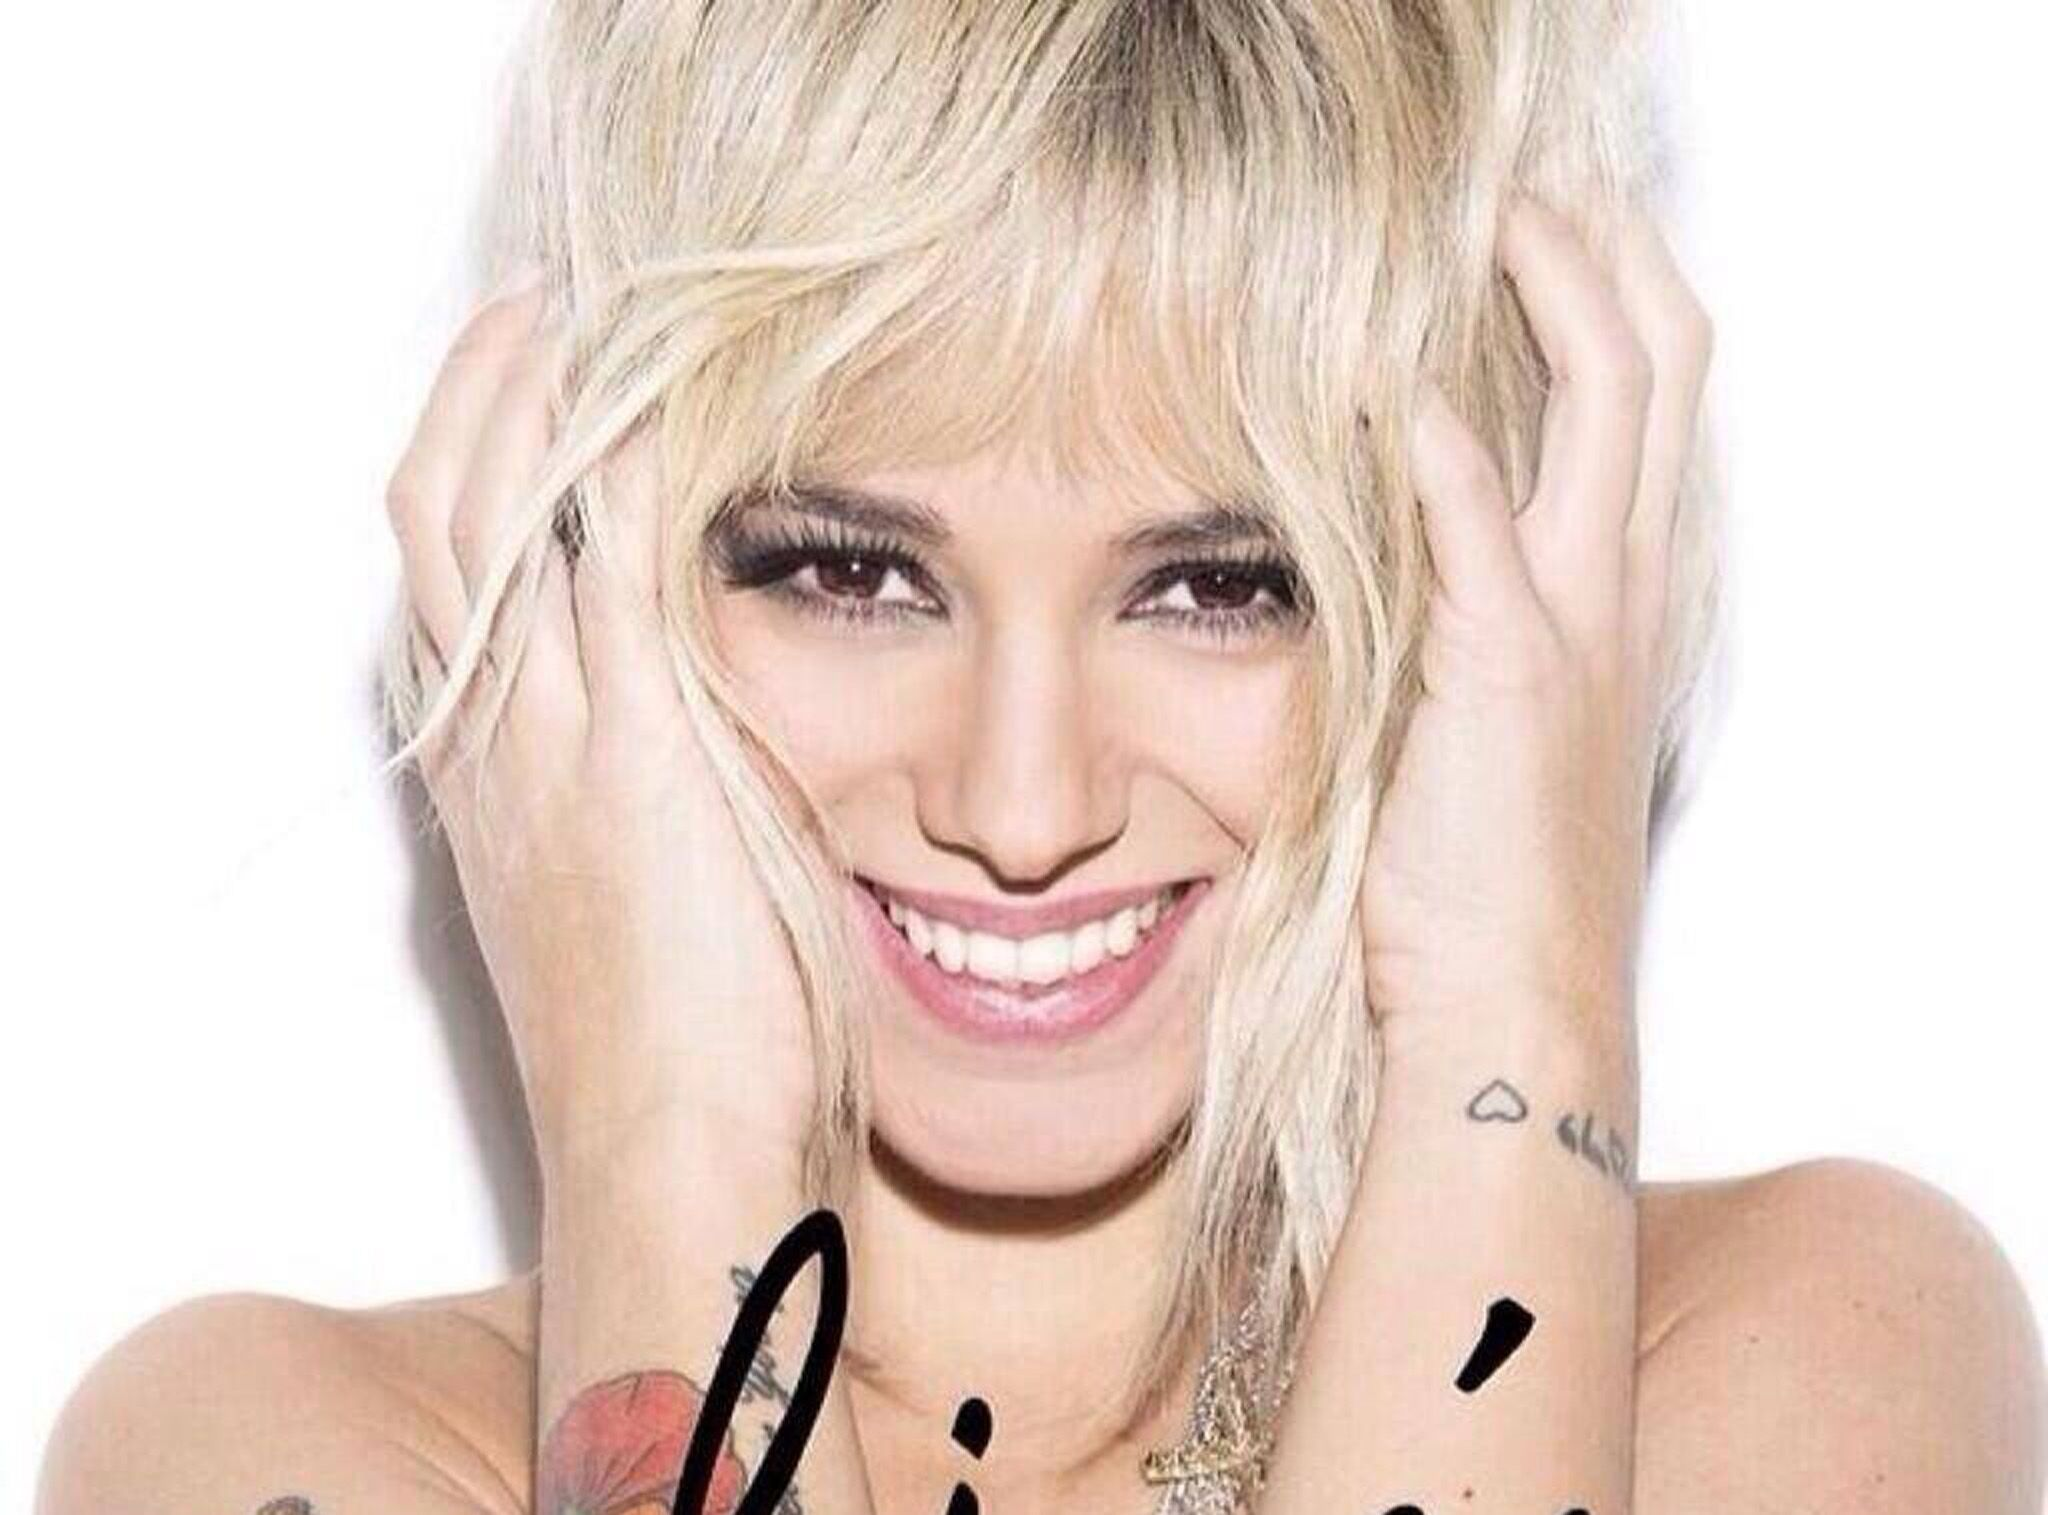 Alizee Toute Nue photos alizée passe au blond ! - voici